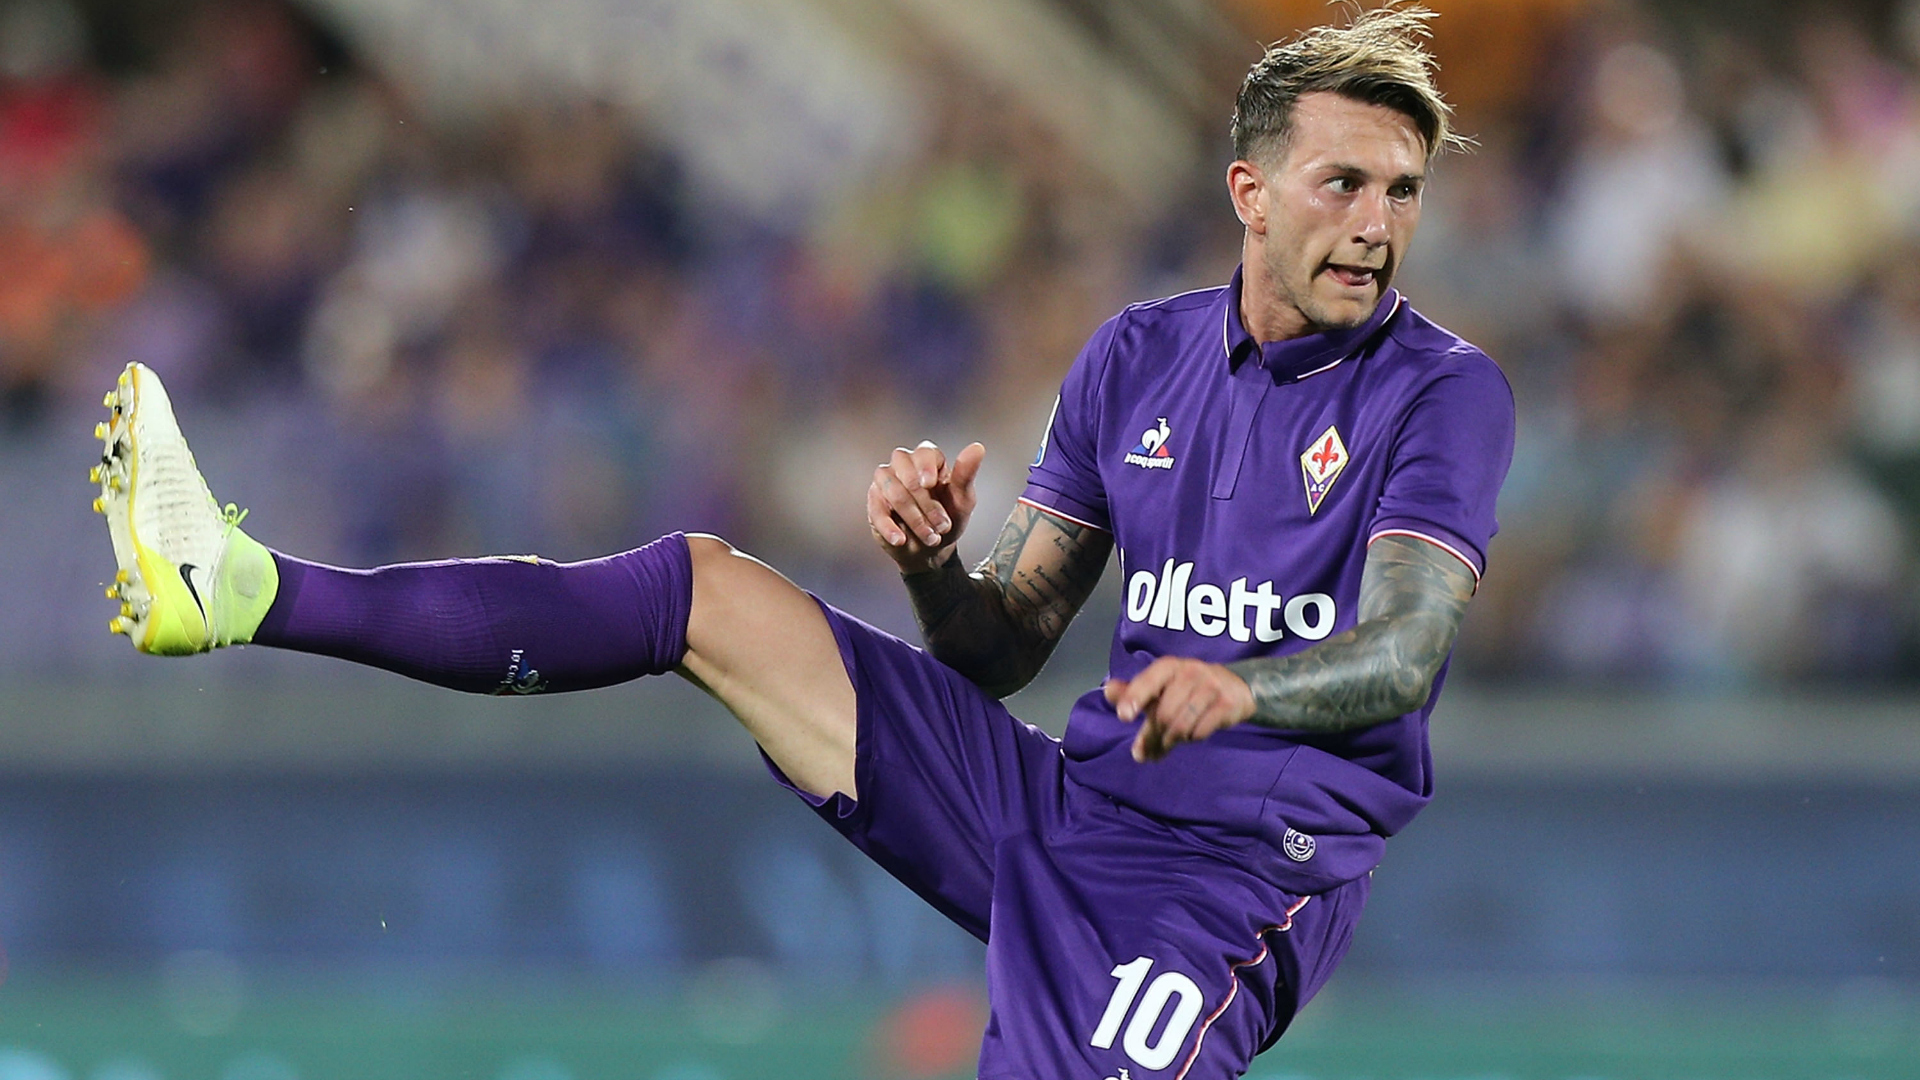 Fiorentina, Pioli dopo l'amichevole: